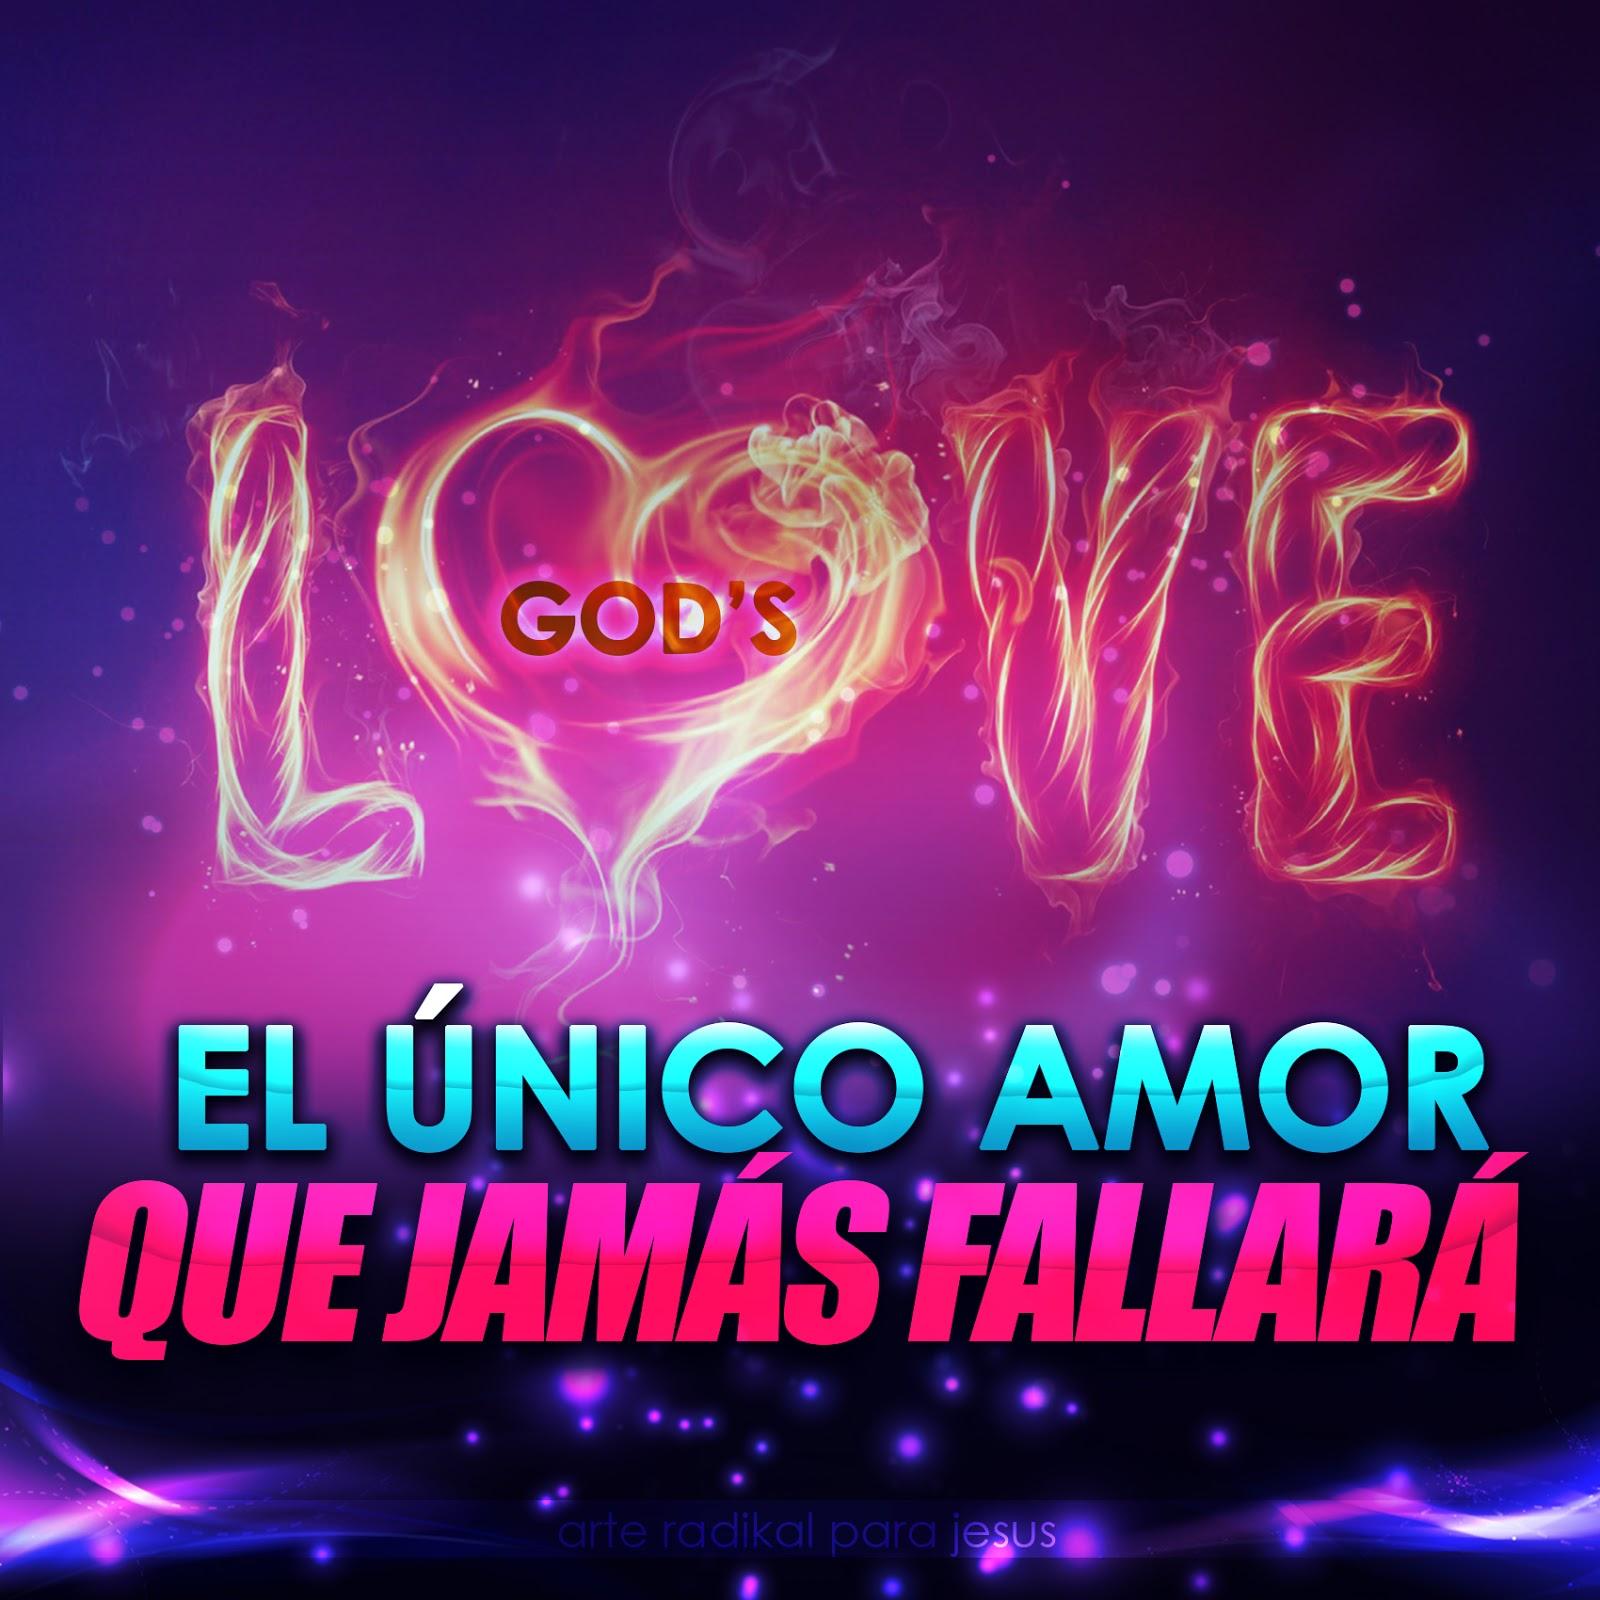 https://2.bp.blogspot.com/-gobZSP0Meo4/UUCxyMqjoQI/AAAAAAAACrw/S02k7RLR3yE/s1600/Amor+jamas+te+fallar%25C3%25A1.jpg